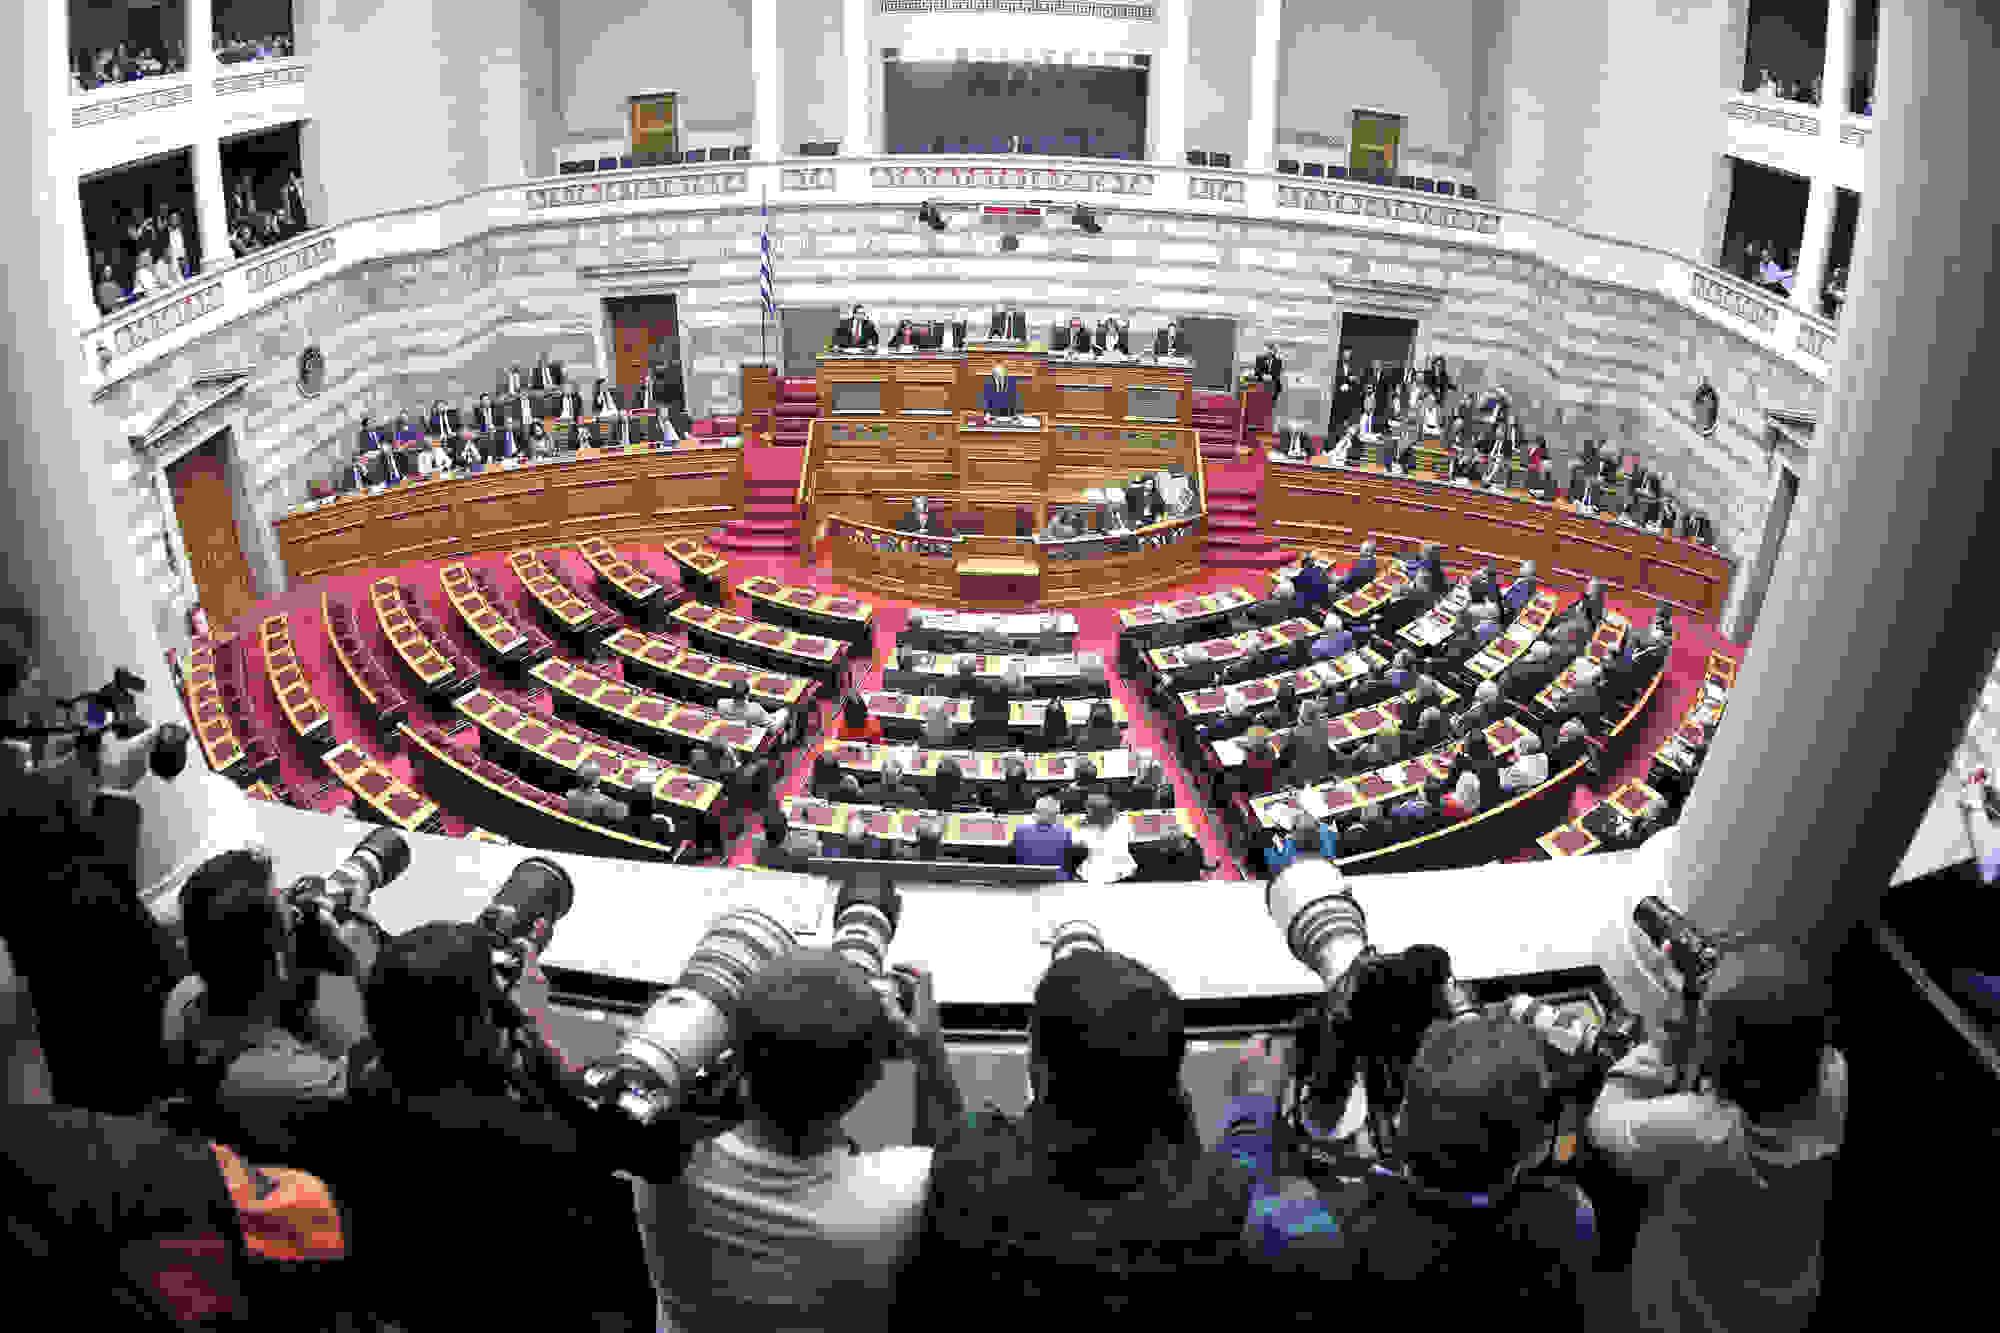 Βουλή-«ΚΛΕΙΣΘΕΝΗΣ Ι»: 161 ψήφοι για απλή αναλογική, 241 για «σπάσιμο» μεγάλων περιφερειών